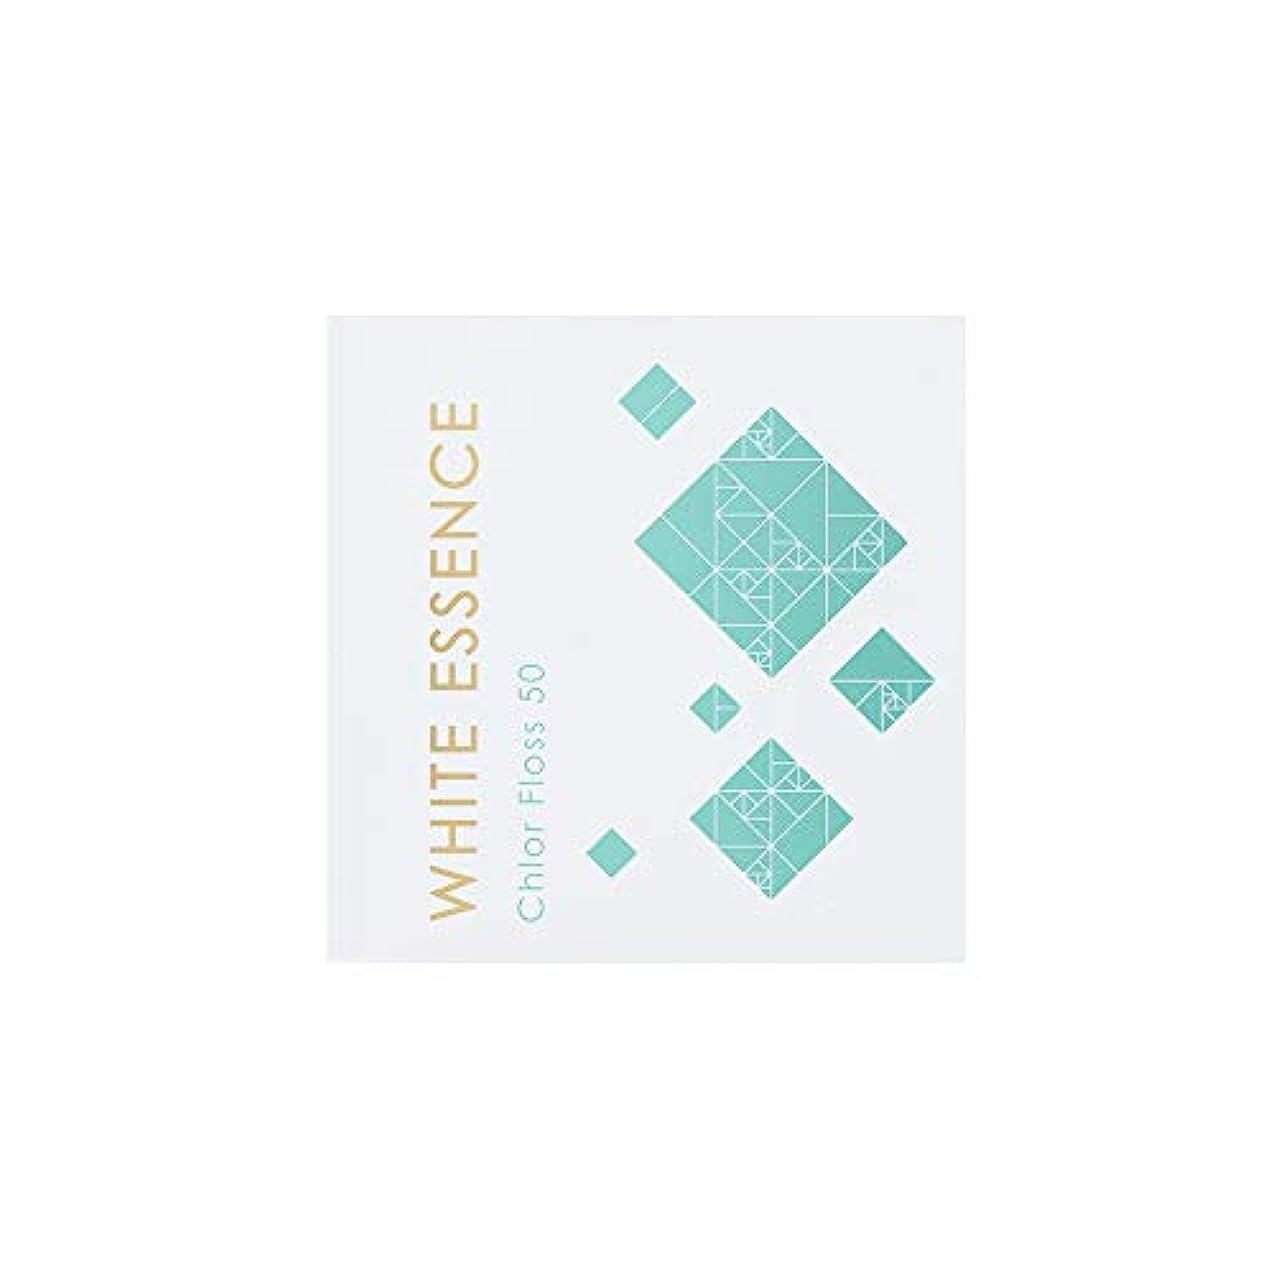 優しい寛容な安定フロス 歯科用 クロルヘキシジン配合 50メートル ホワイトエッセンス クロルフロス50